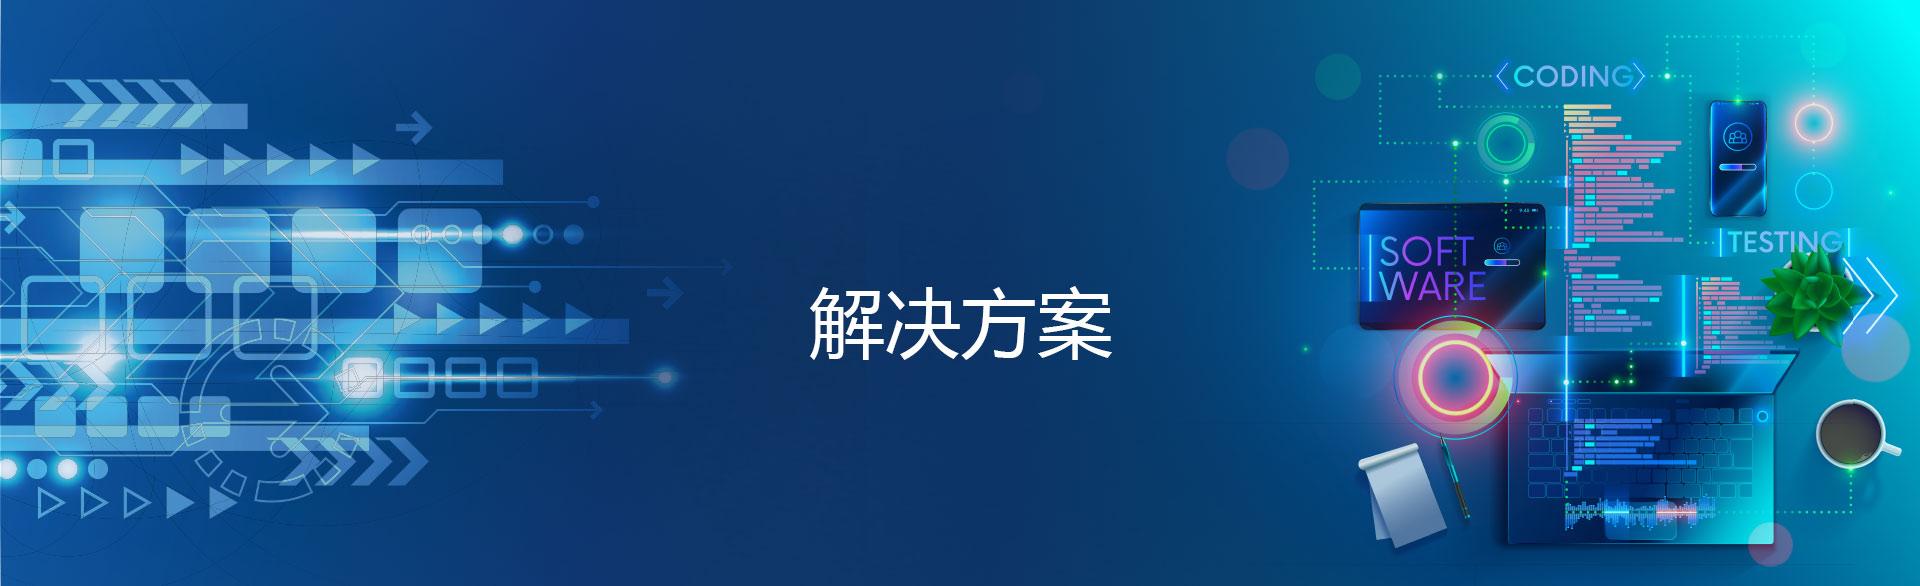 计算机视觉解决方案banner